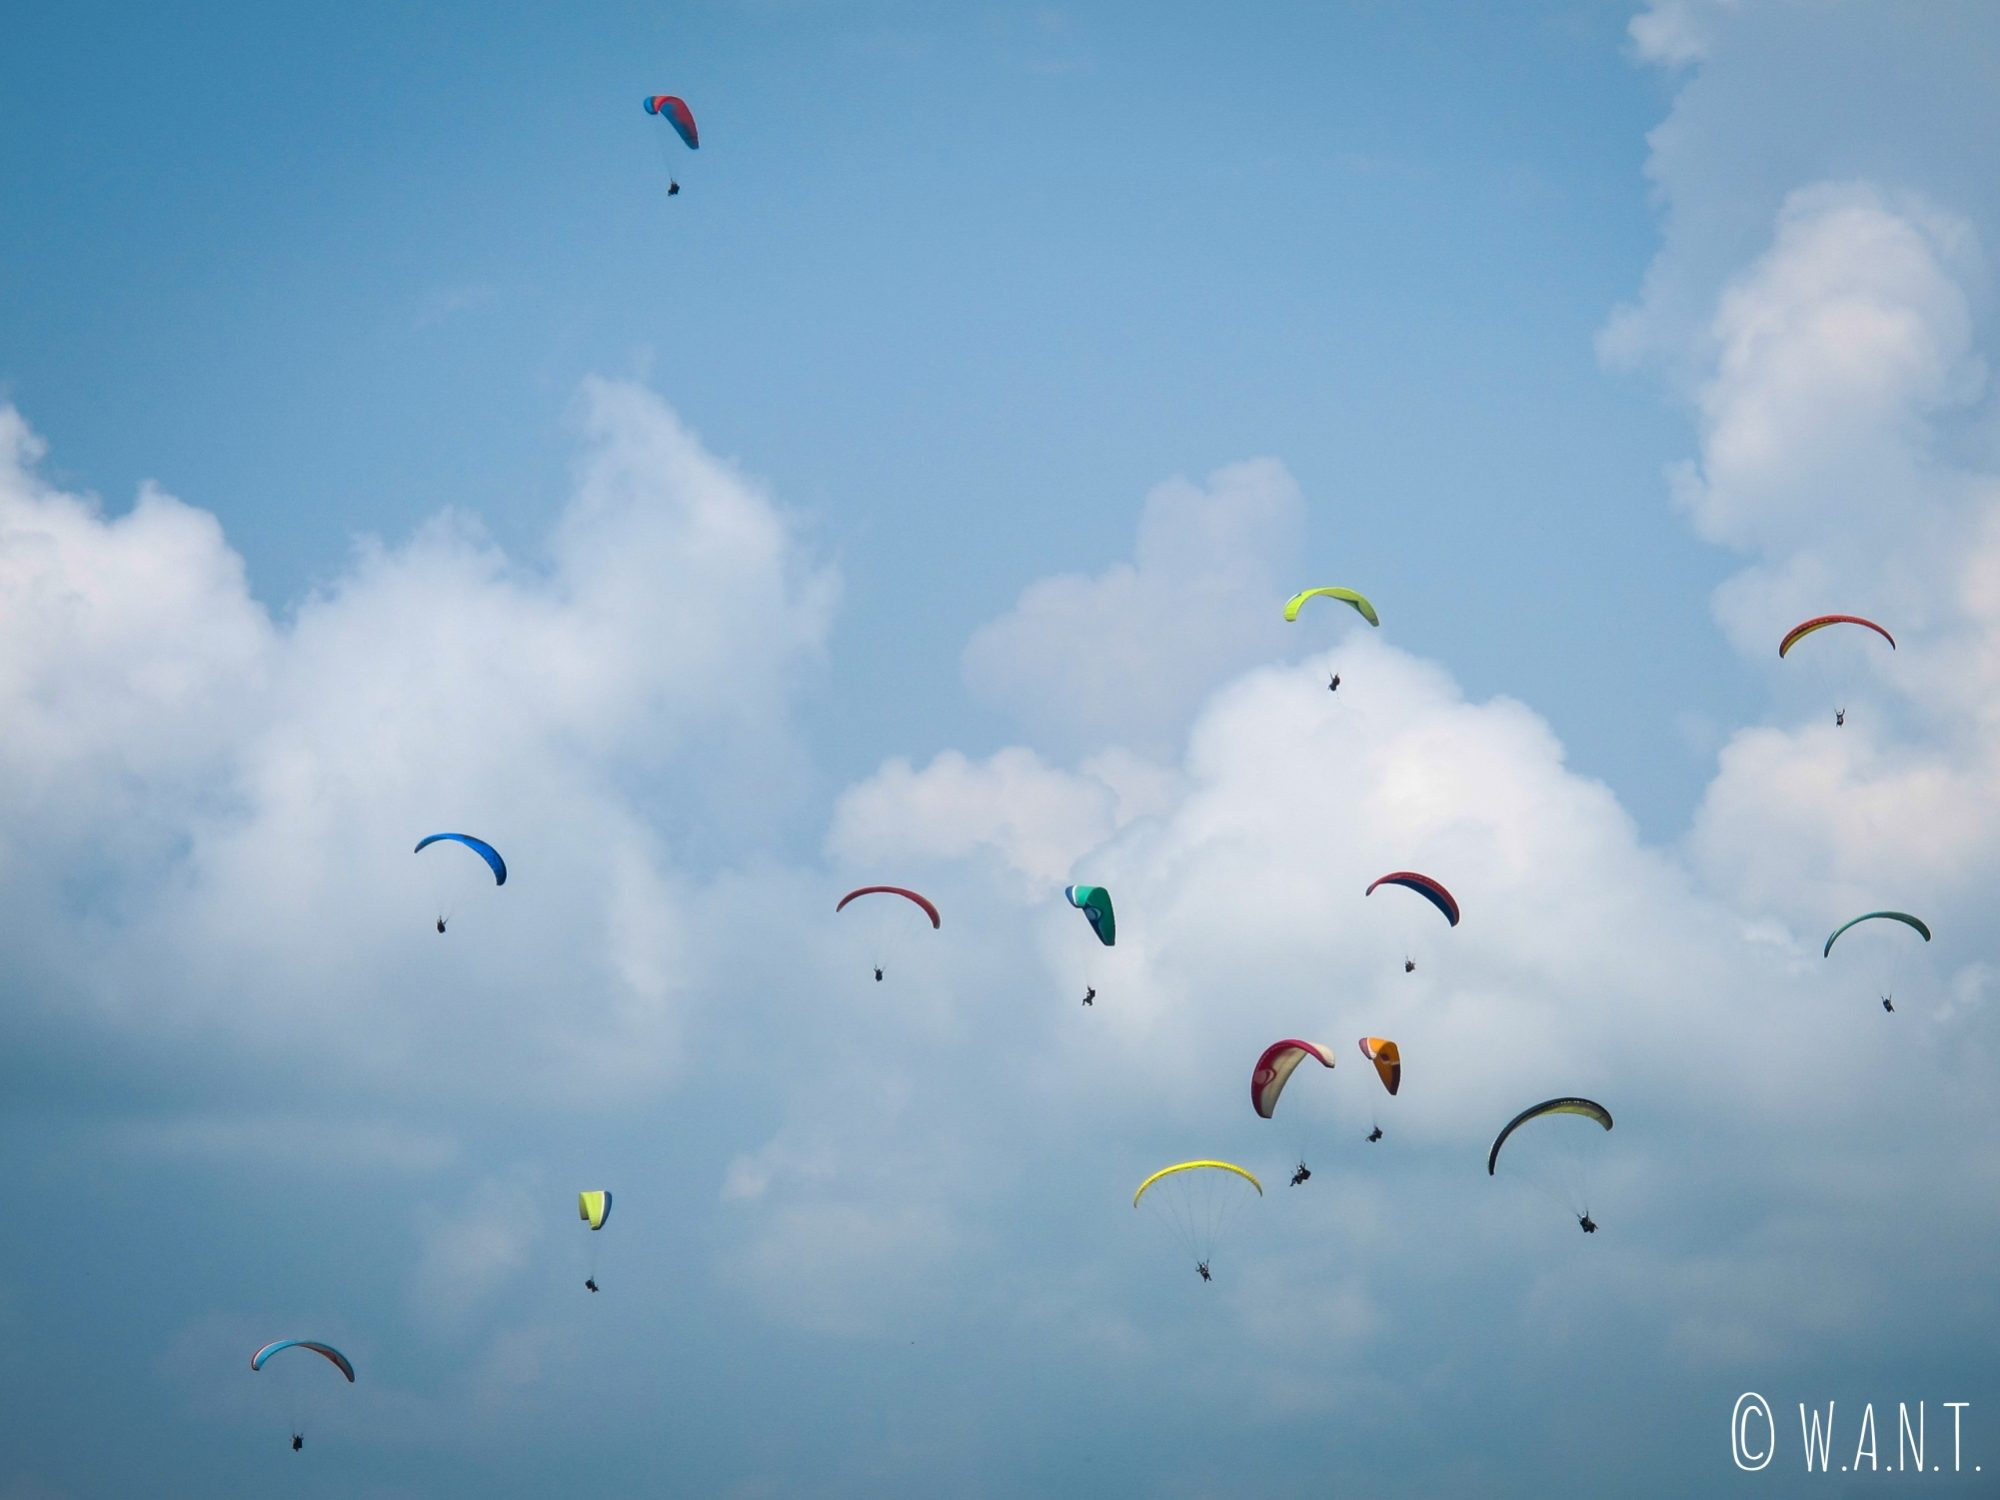 Les parapentes envahissent le ciel de Pokhara